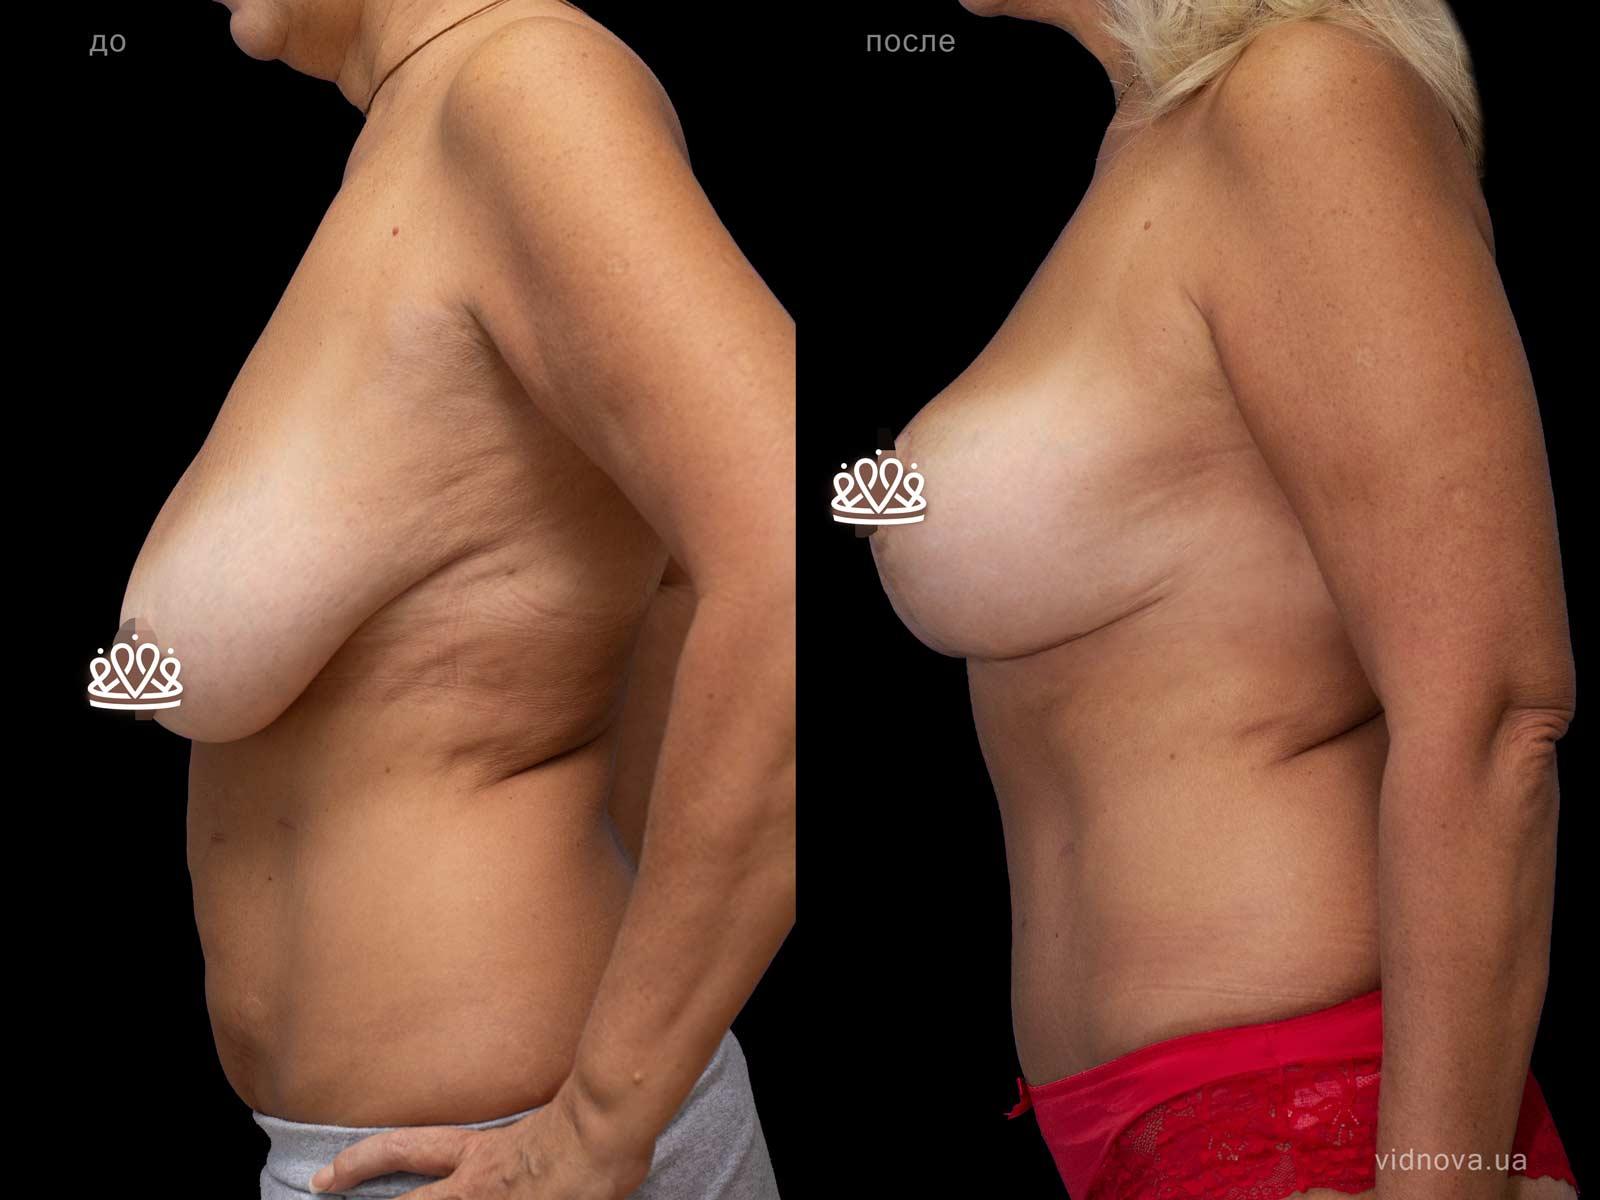 Пластика груди: результаты до и после - Пример №114-2 - Светлана Работенко